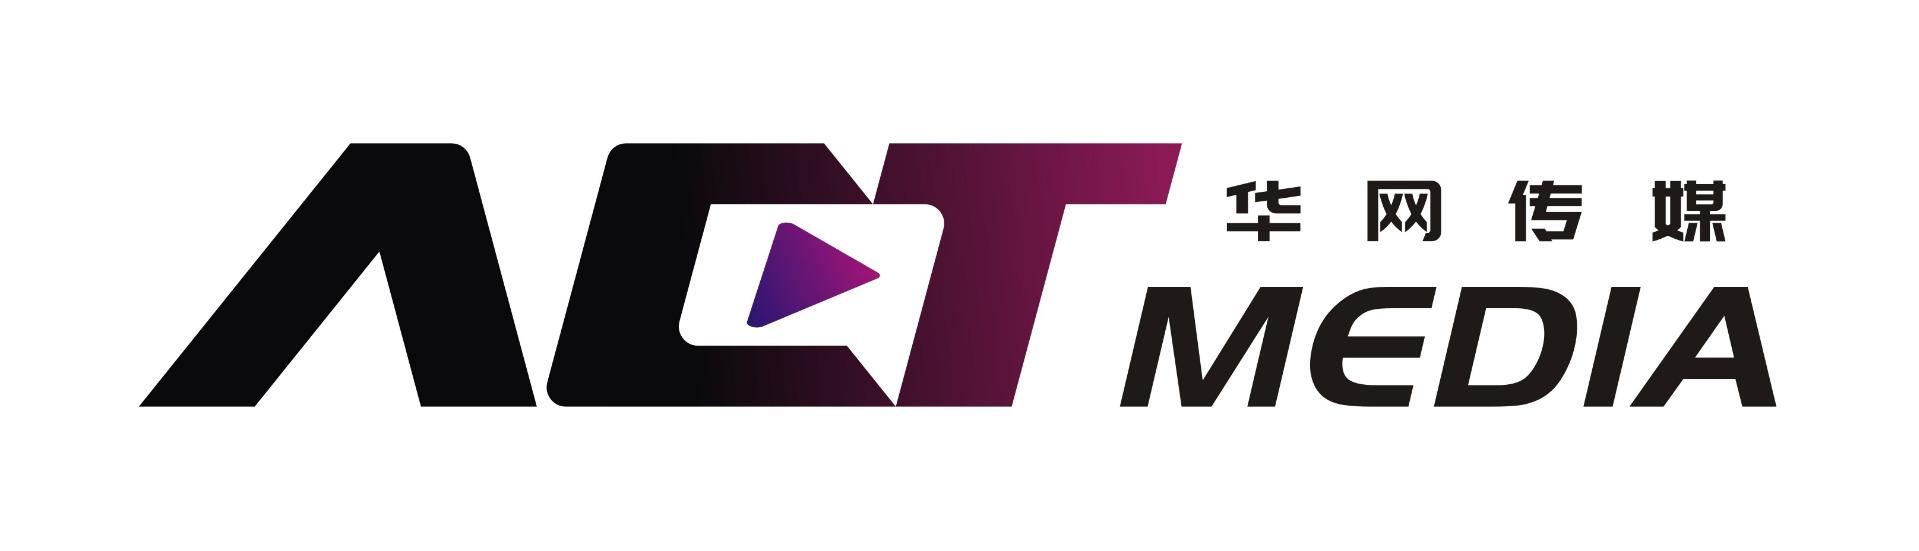 ACT Media